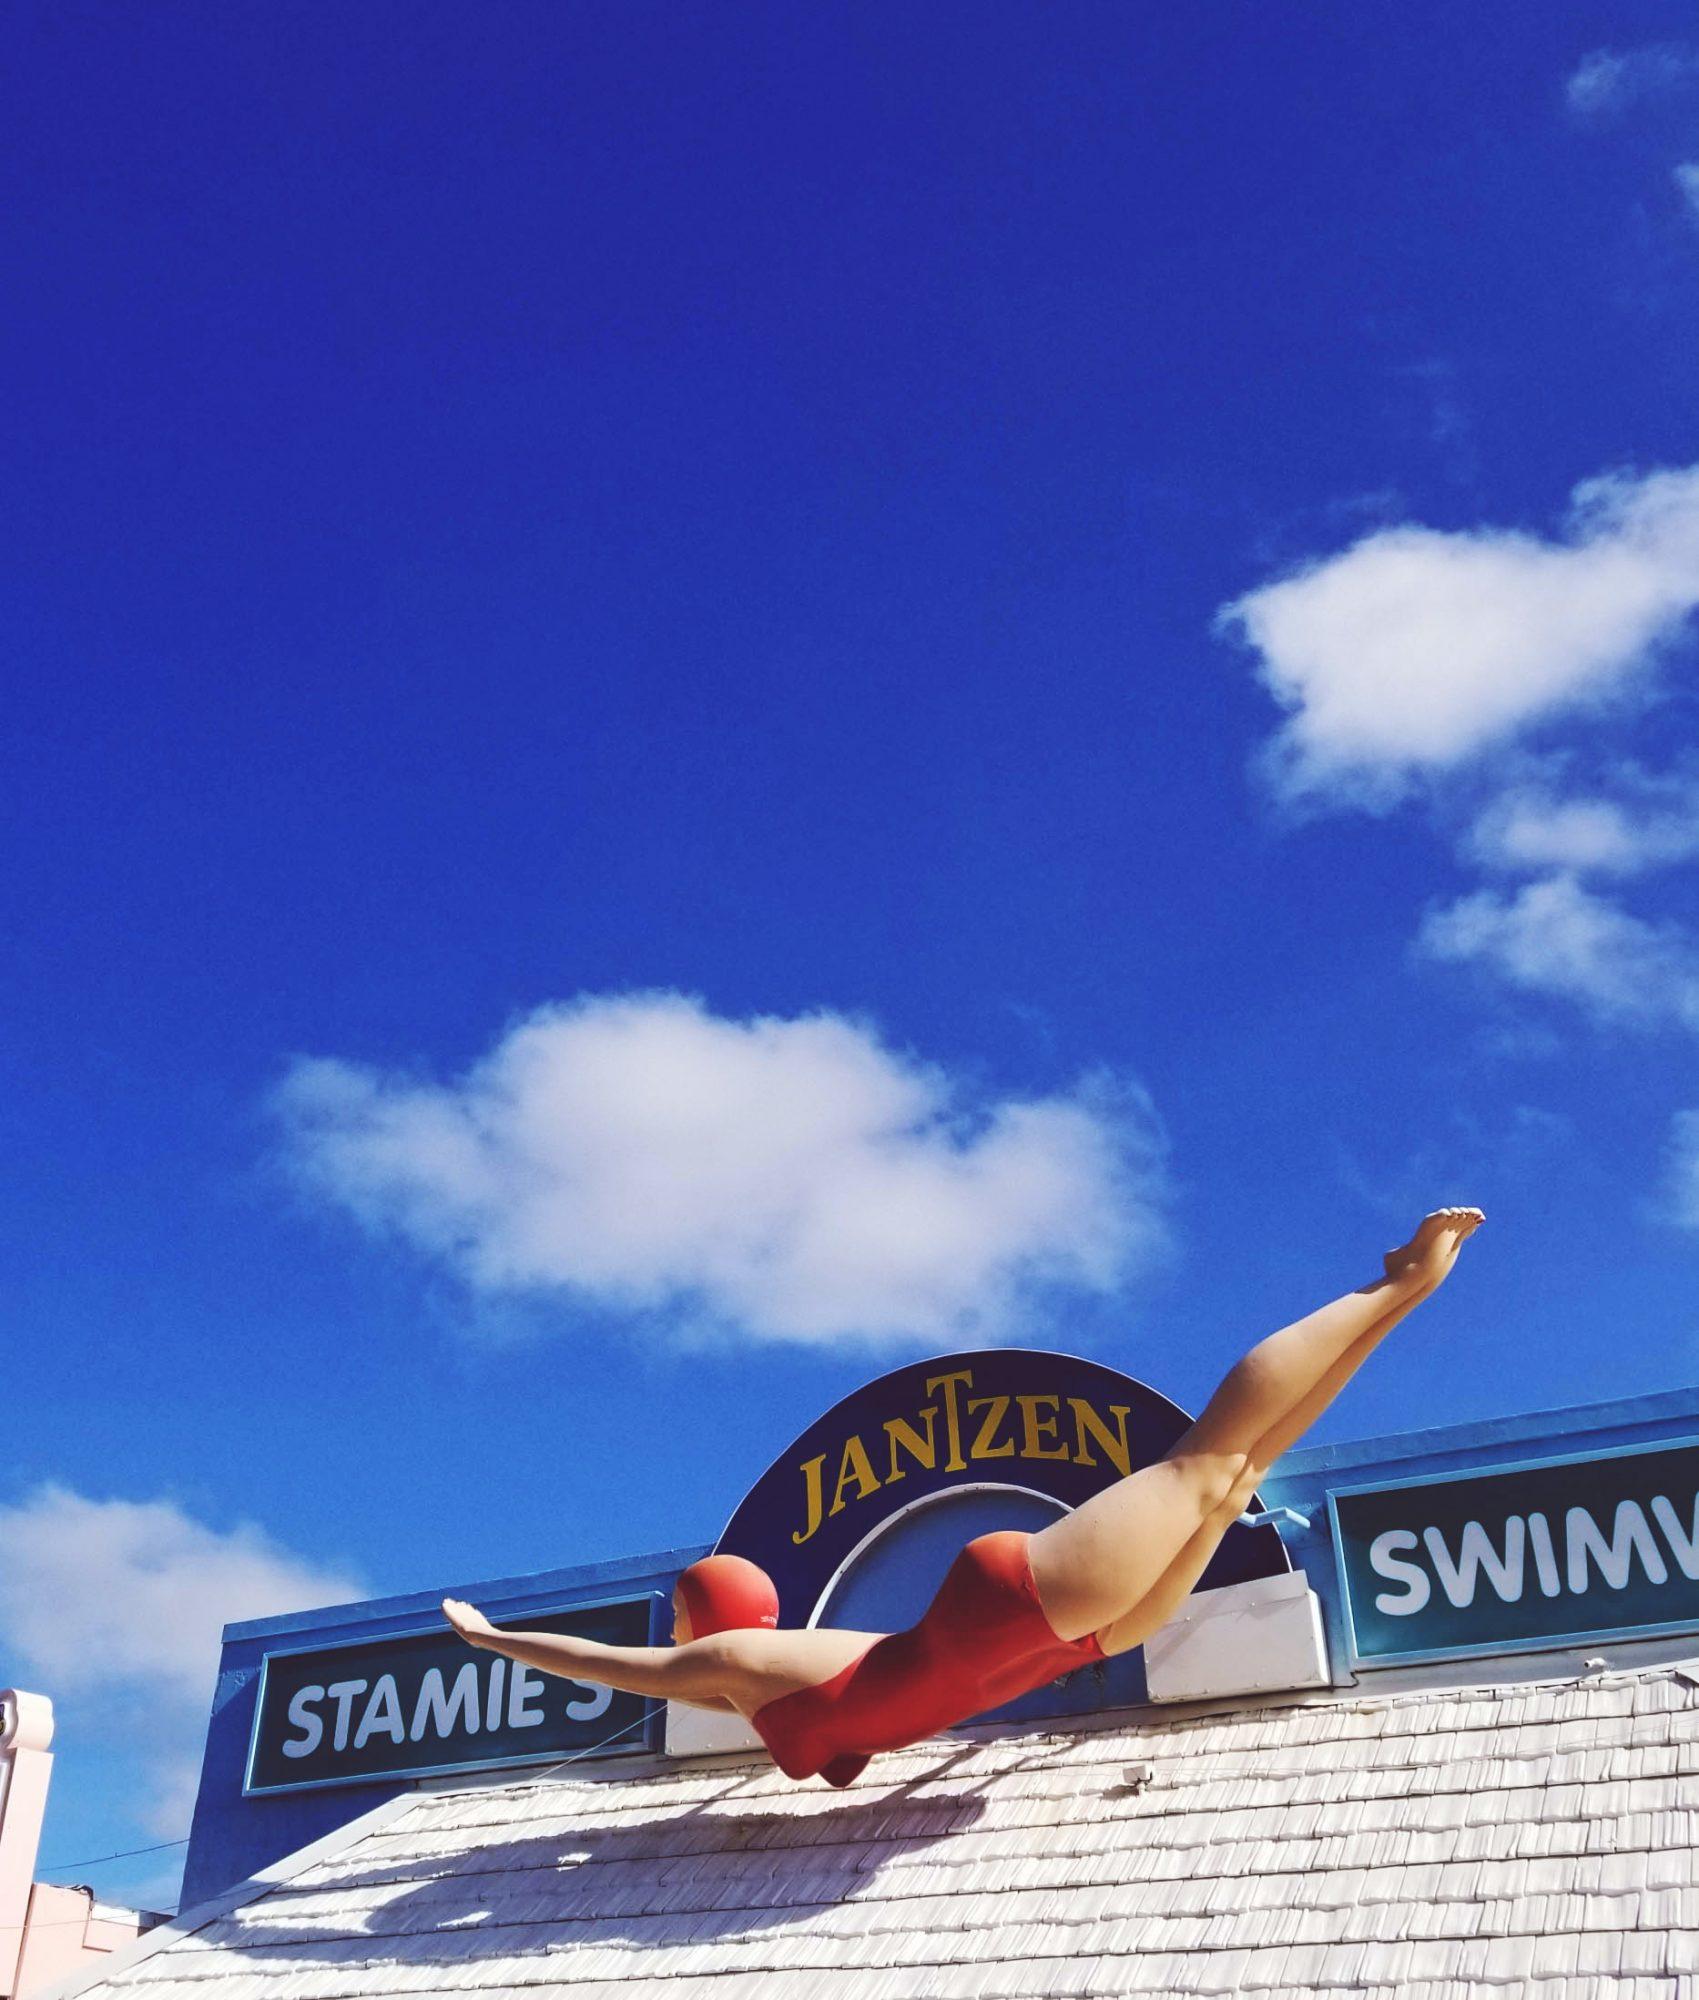 Daytona Beach Jantzen Swim